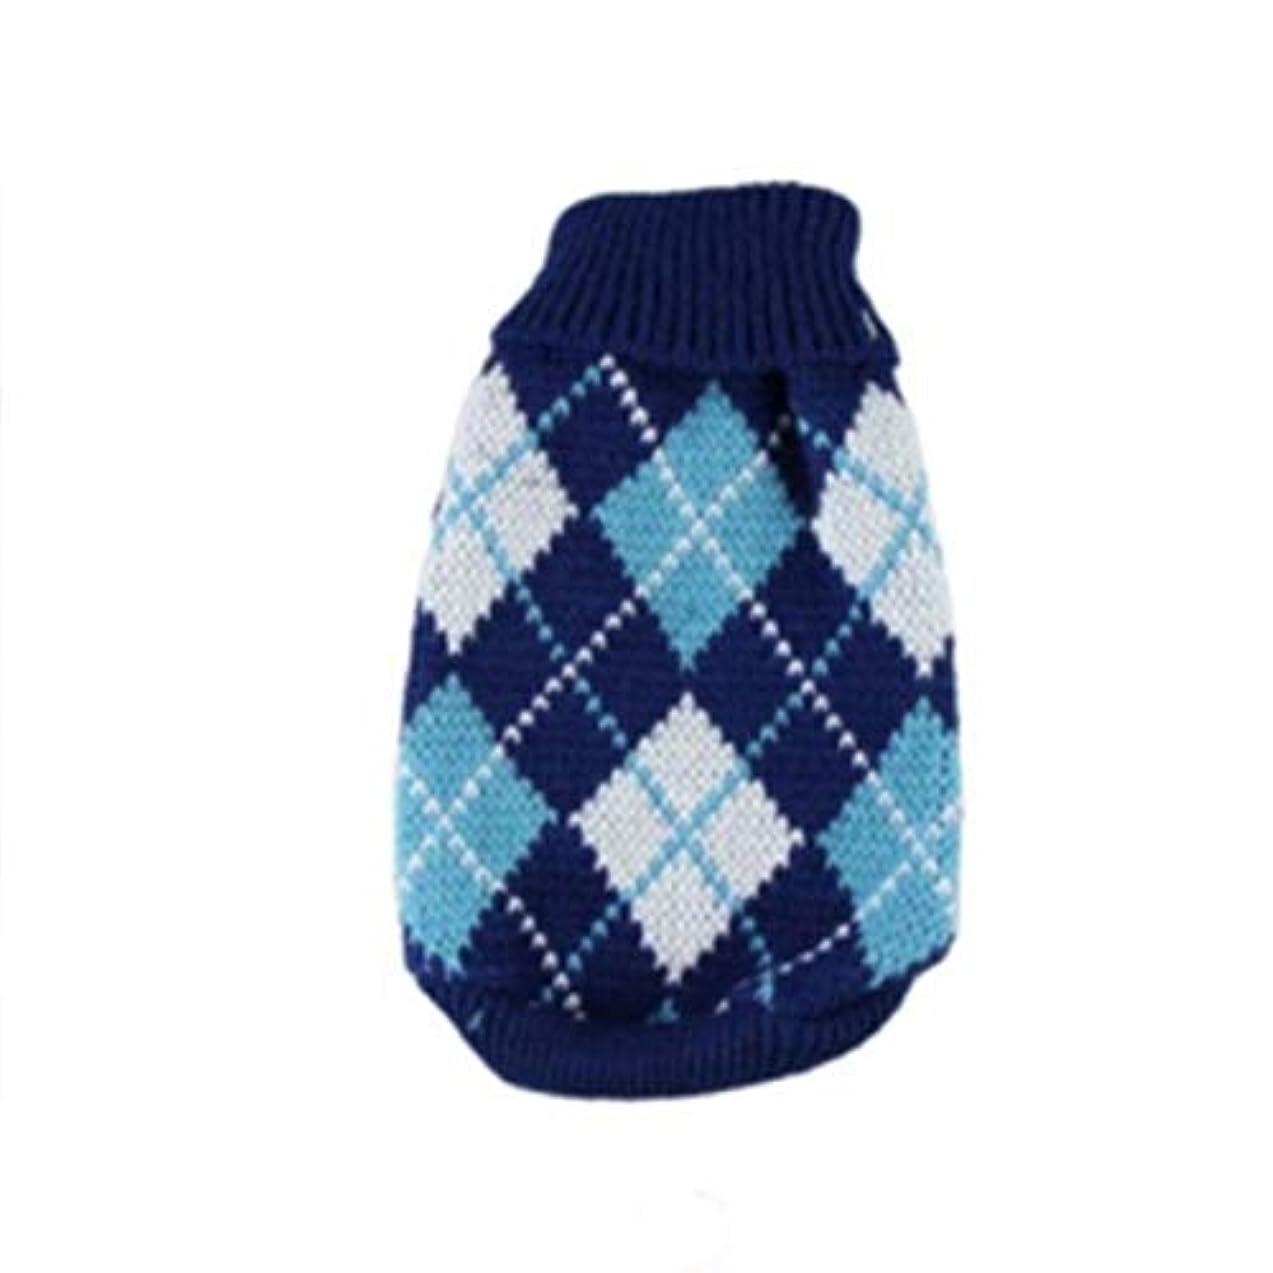 ルビーなんでも島Saikogoods 軽量ペットの暖かいセーターユニバーサル犬服ファッションソフト犬服ハイカラー快適なペットのコート 青 XS